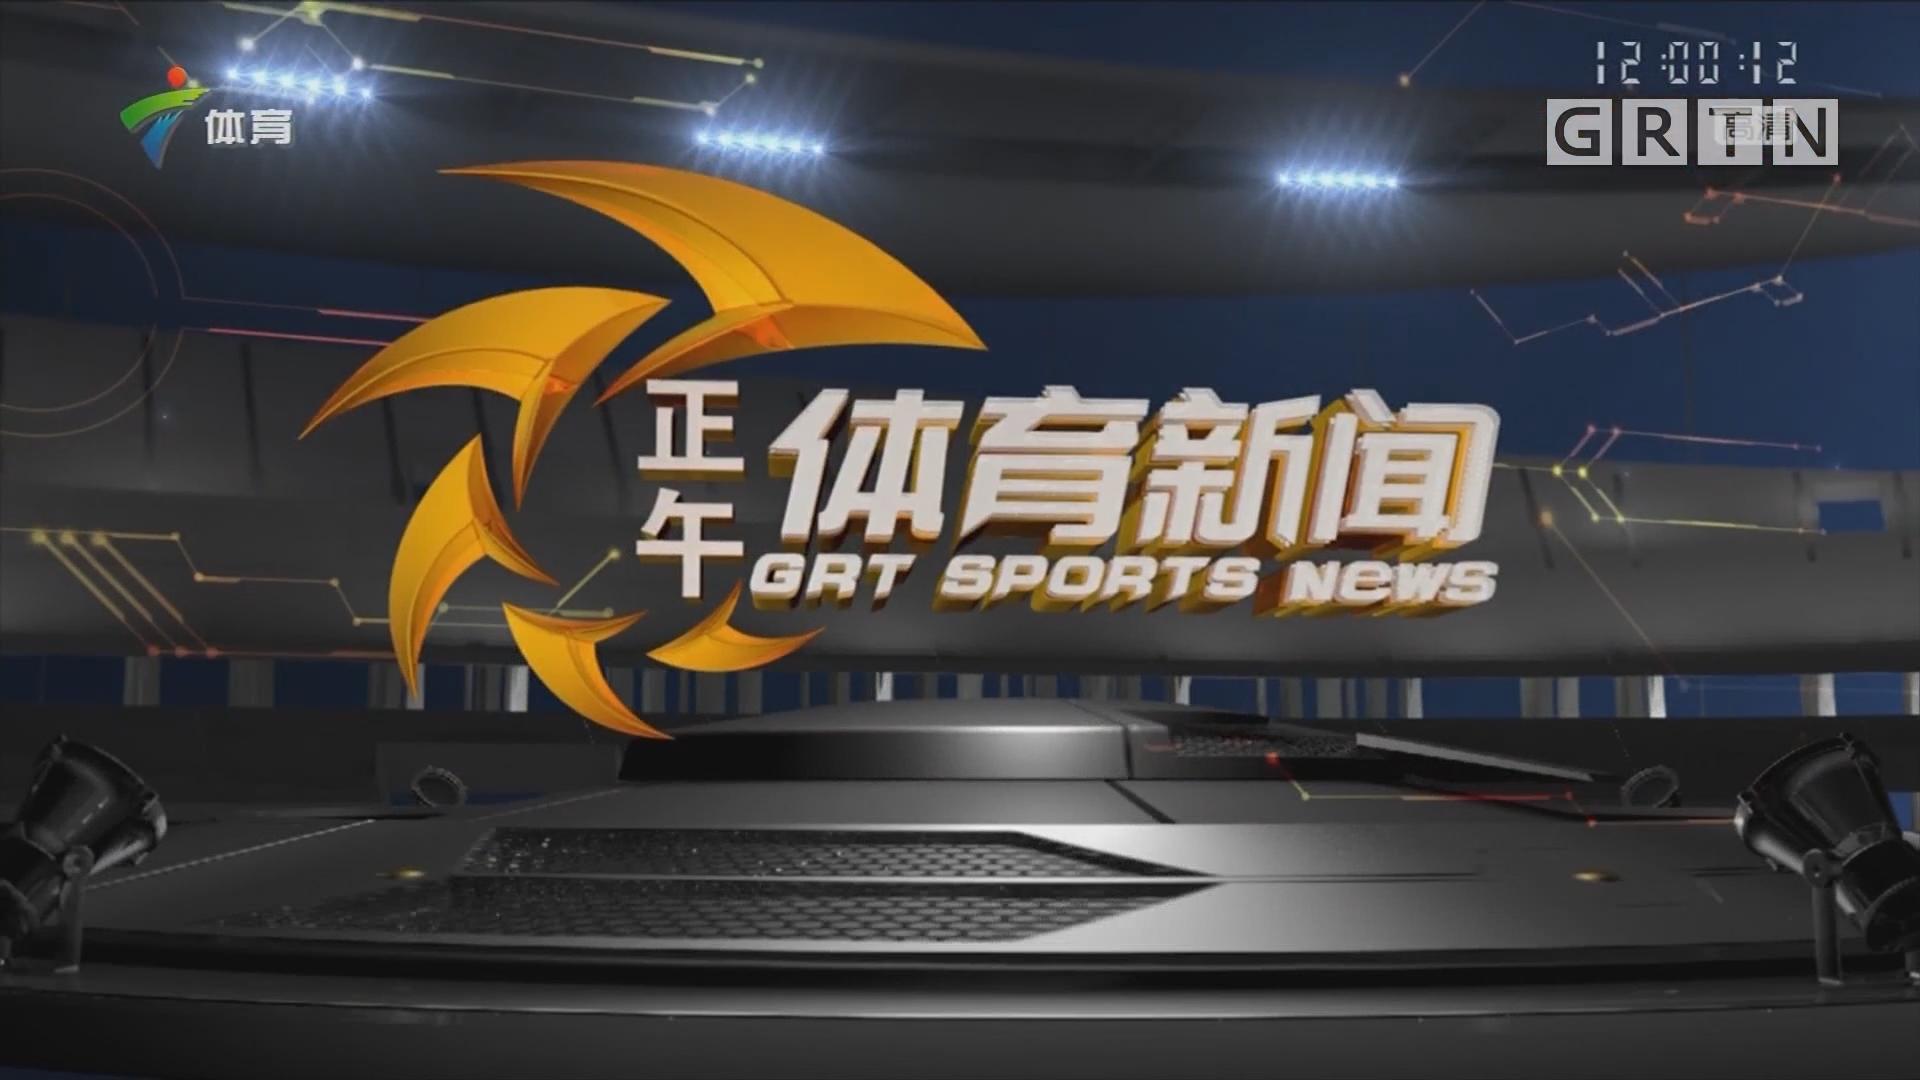 [HD][2019-09-18]正午体育新闻:北京2022年冬奥会和冬残奥会吉祥物揭晓